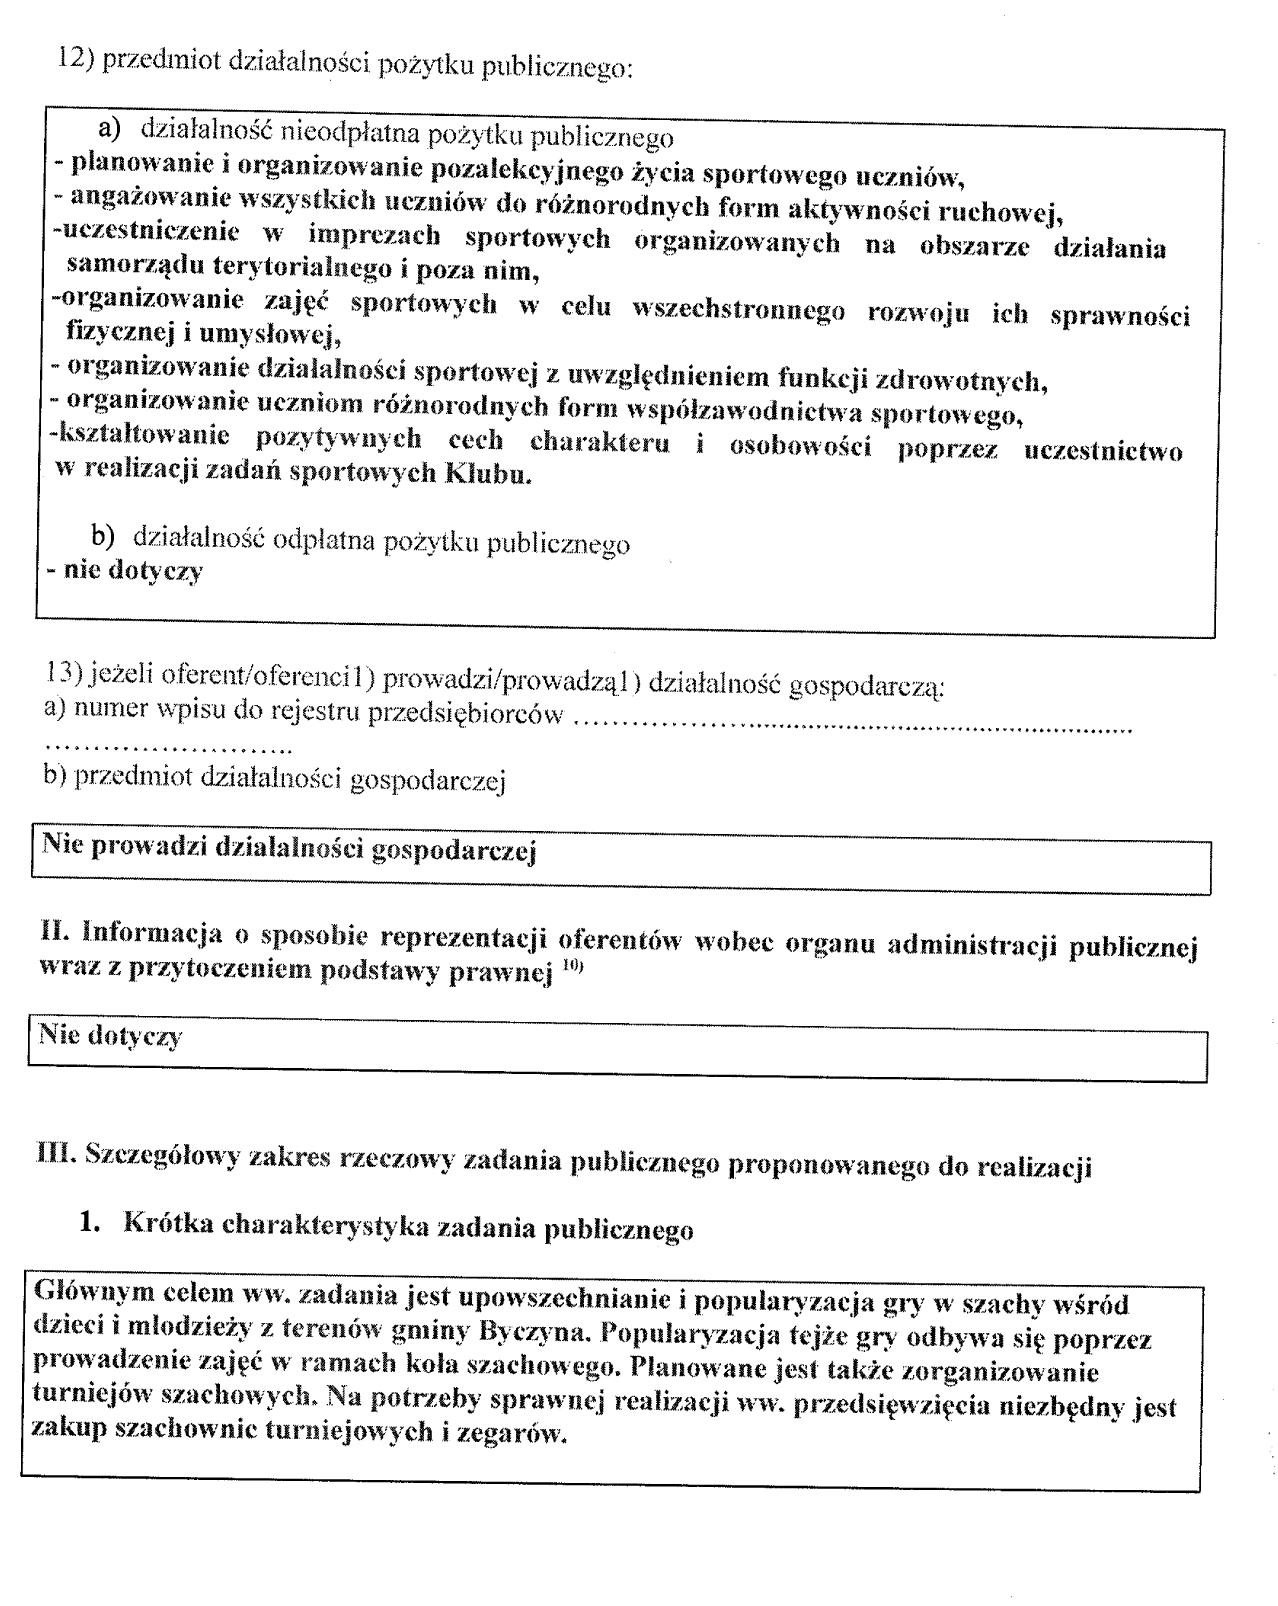 DOC130903093313(0001)3 copy.jpeg